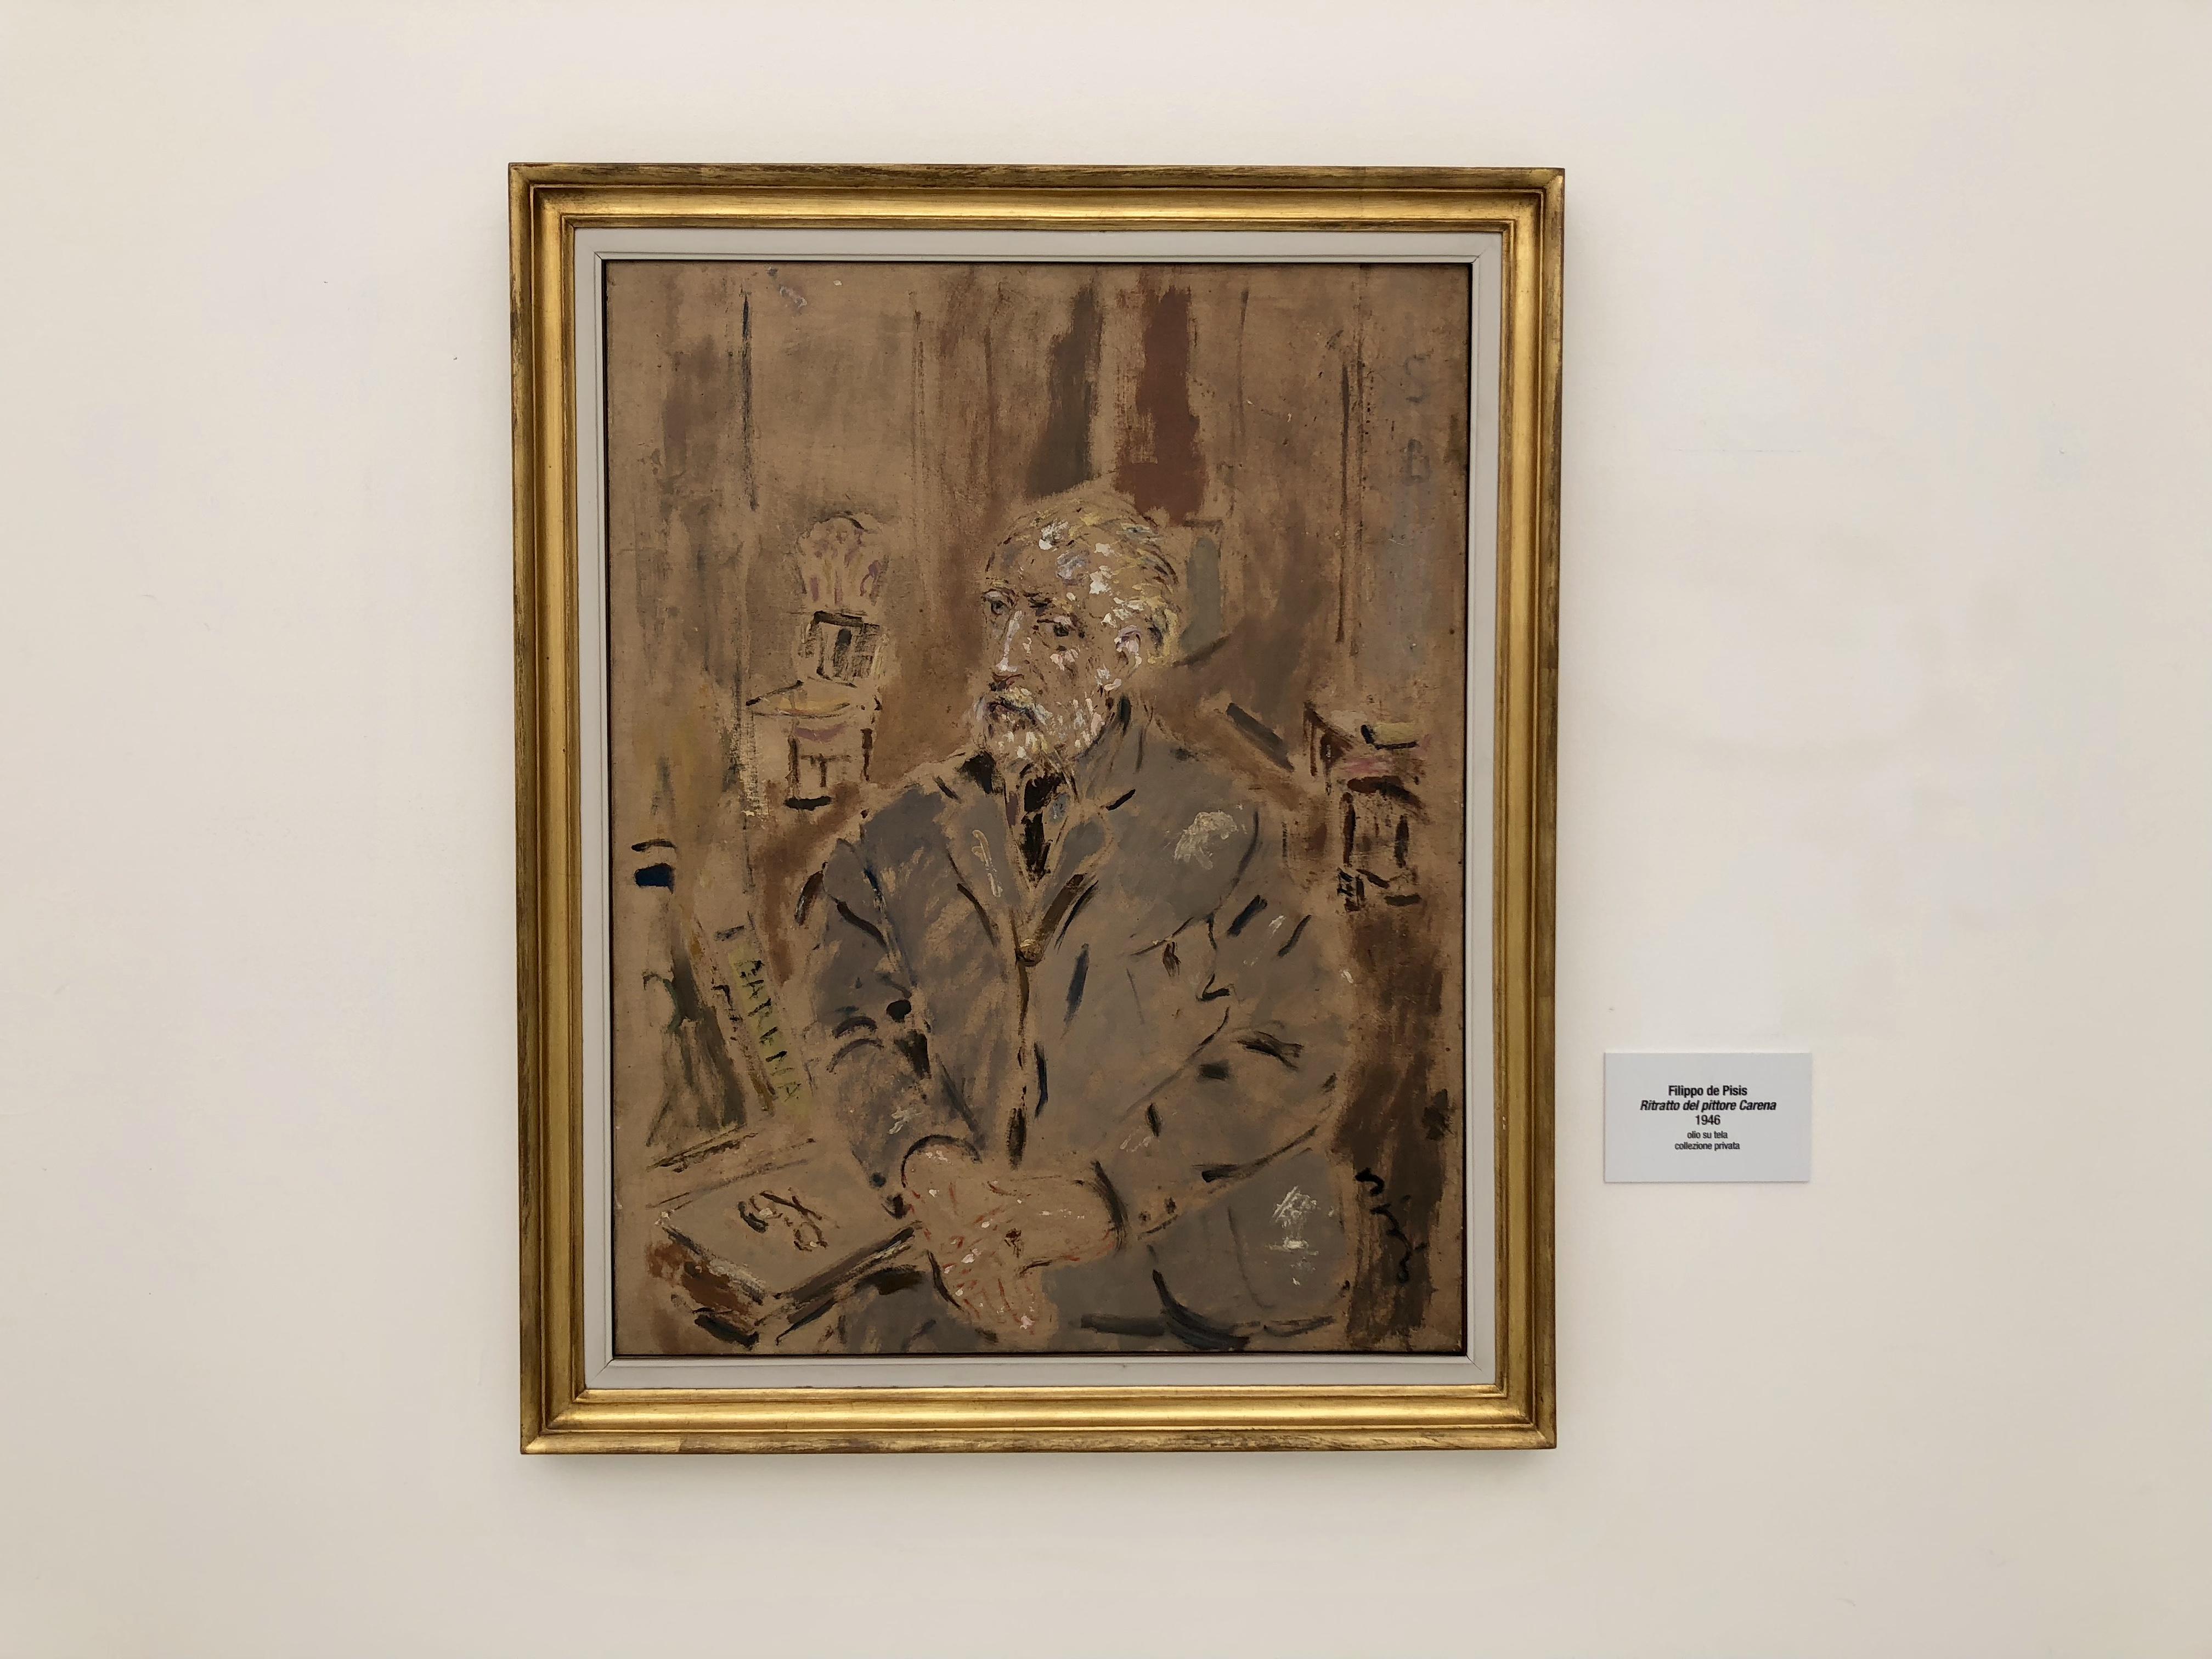 TalentiEventi_Filippo_De_Pisis_Eclettico_connoisseur_fra pittura_ musica_e_poesia_Museo_Ettore_Fico_33